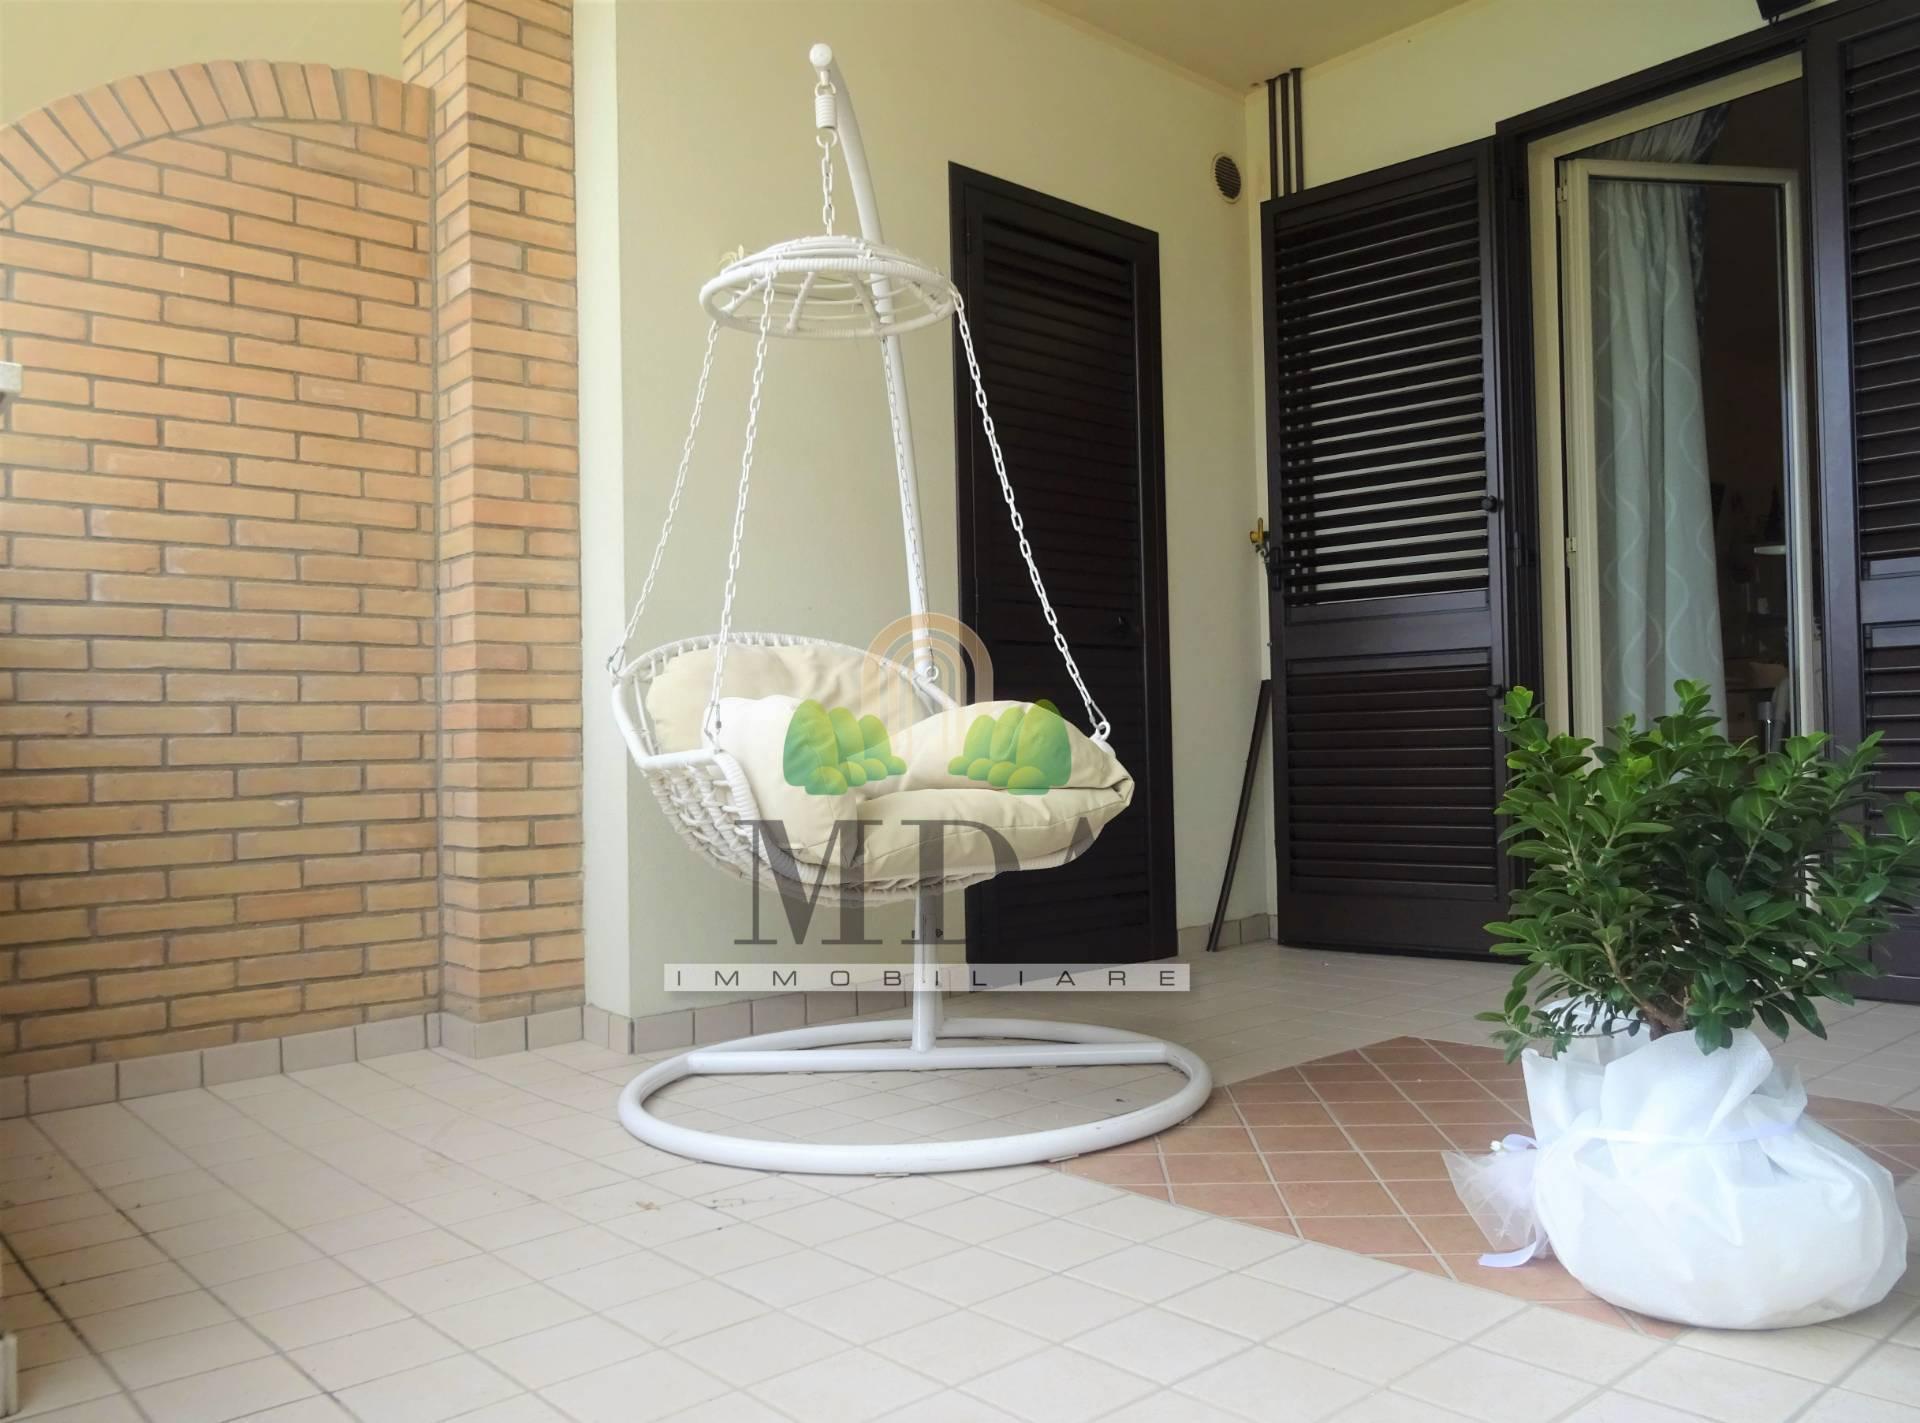 Appartamento in vendita a Corropoli, 5 locali, zona Località: Bivio, prezzo € 118.000 | PortaleAgenzieImmobiliari.it